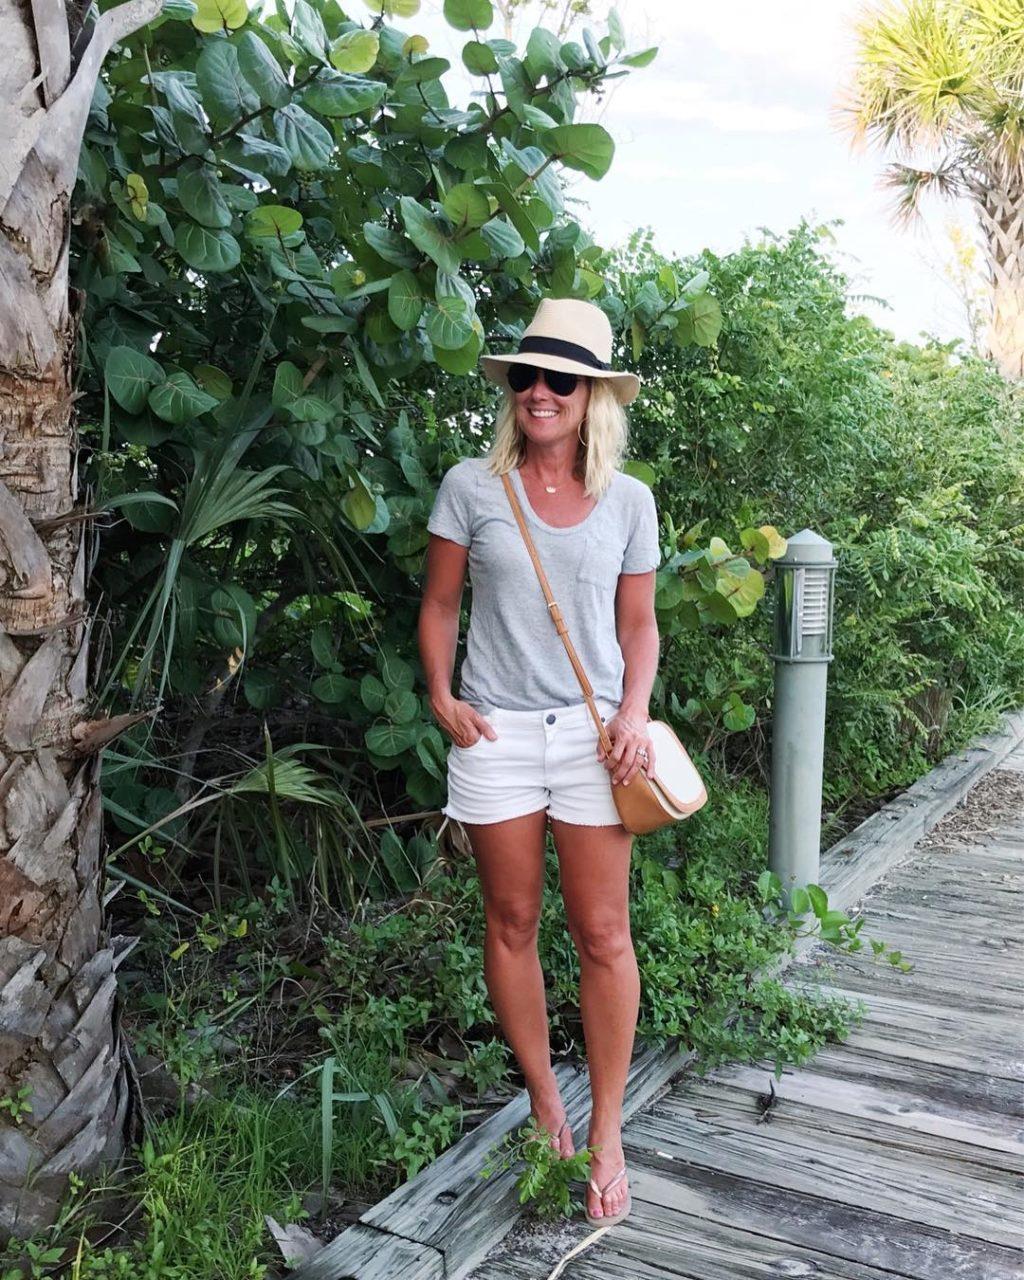 caslon tee beach style